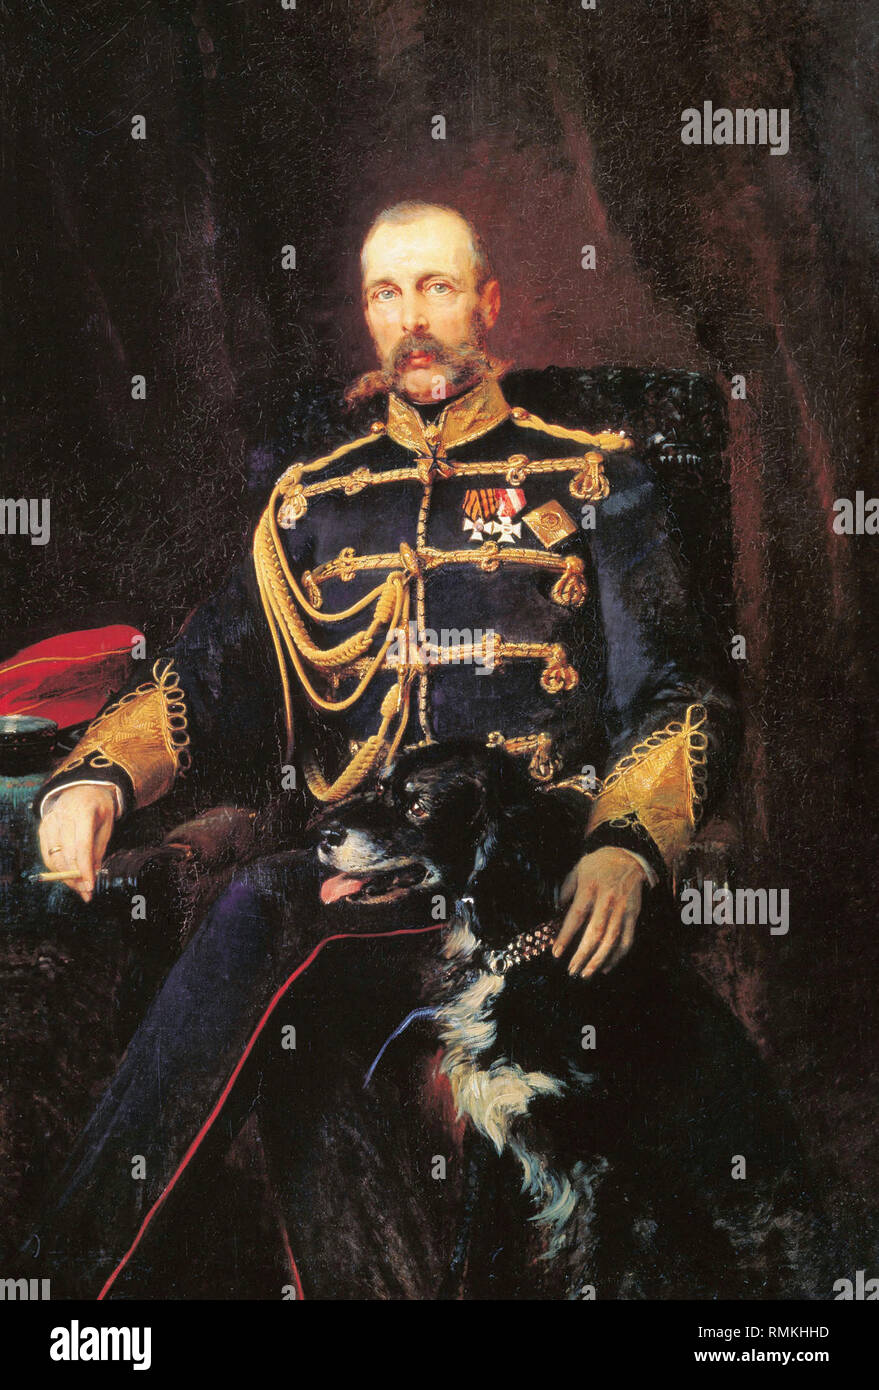 Tsar Alexander II of Russia, 1881 - Konstantin Makovsky - Stock Image